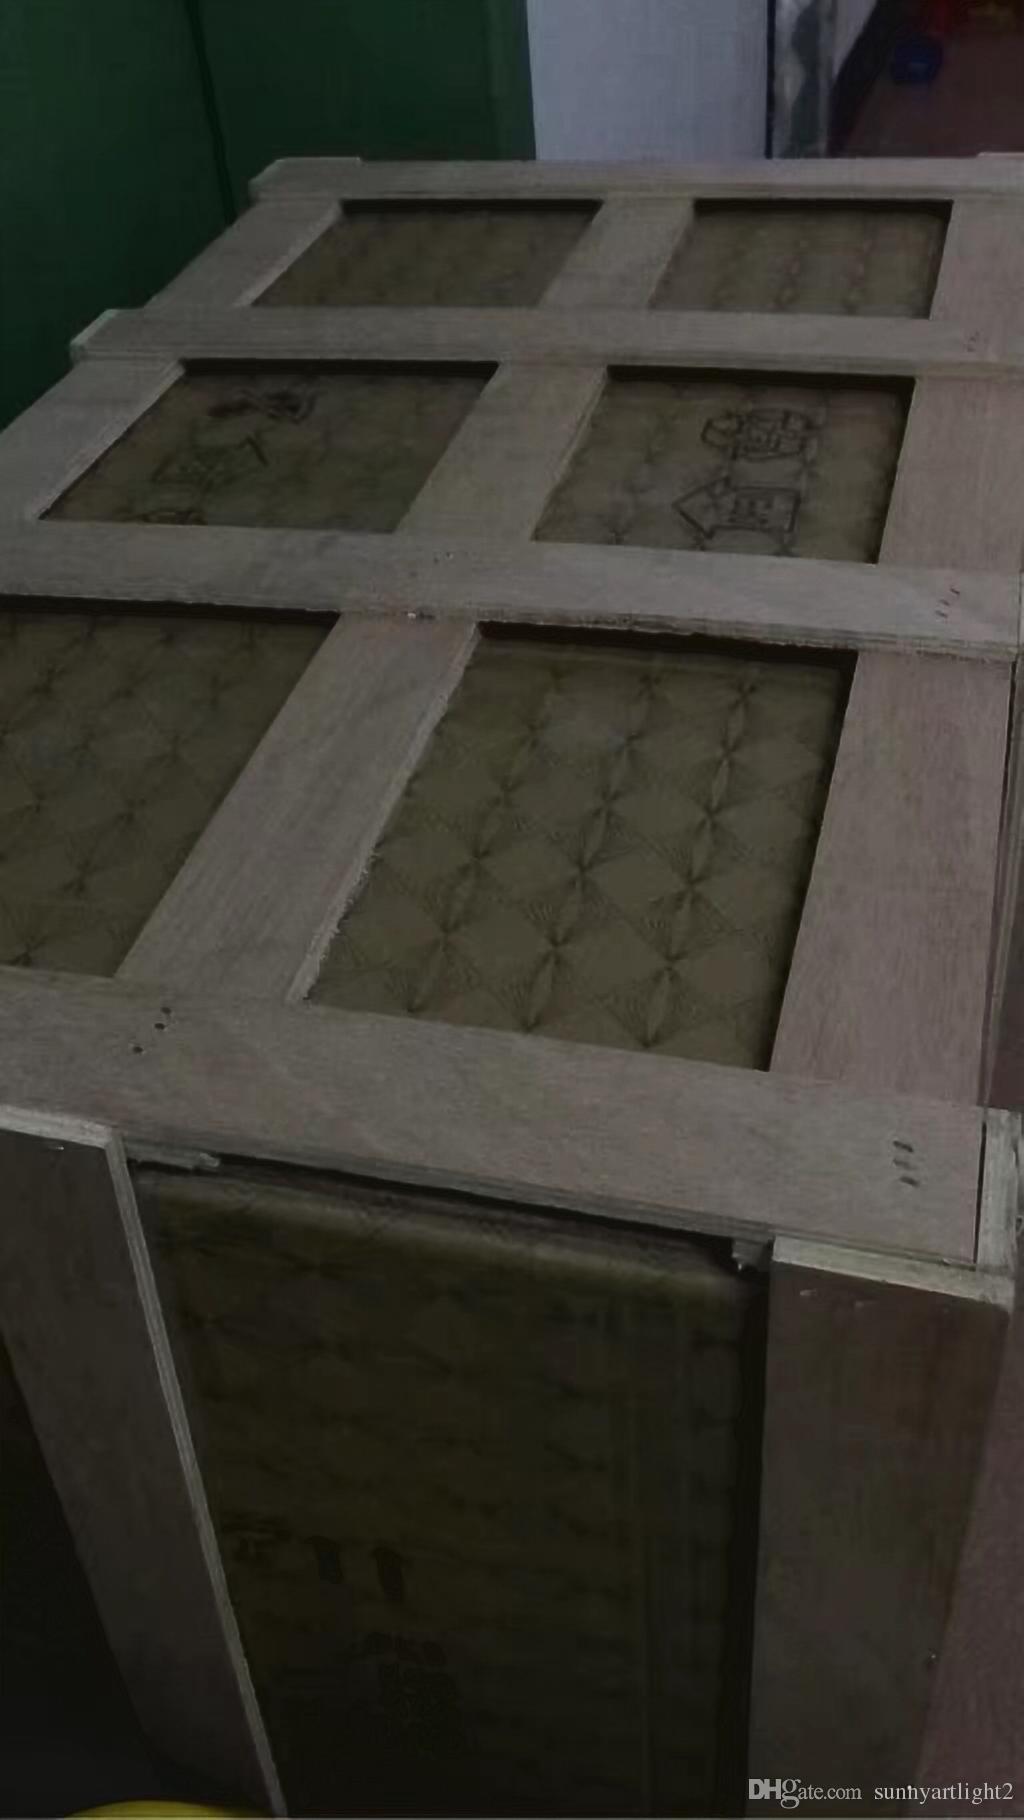 Frete grátis 100% soprado Lâmpadas Pingente de borosilicato Novos produtos Murano Glass Art Dale Chihuly Estilo Decoração da Sala de Luxo